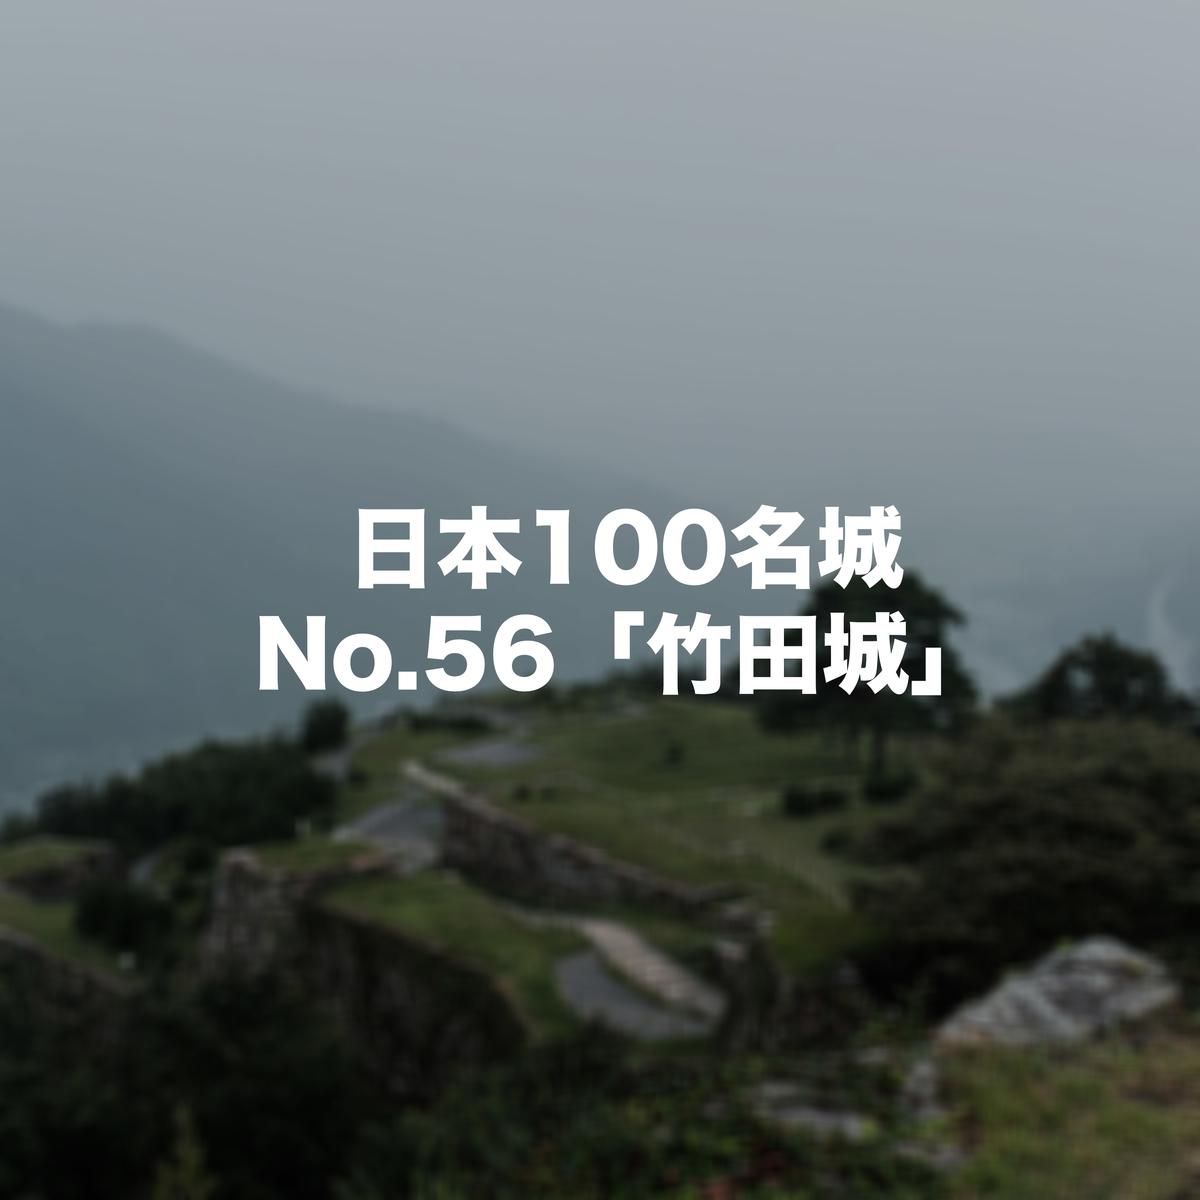 f:id:tidus_tabilog:20201007102516j:plain